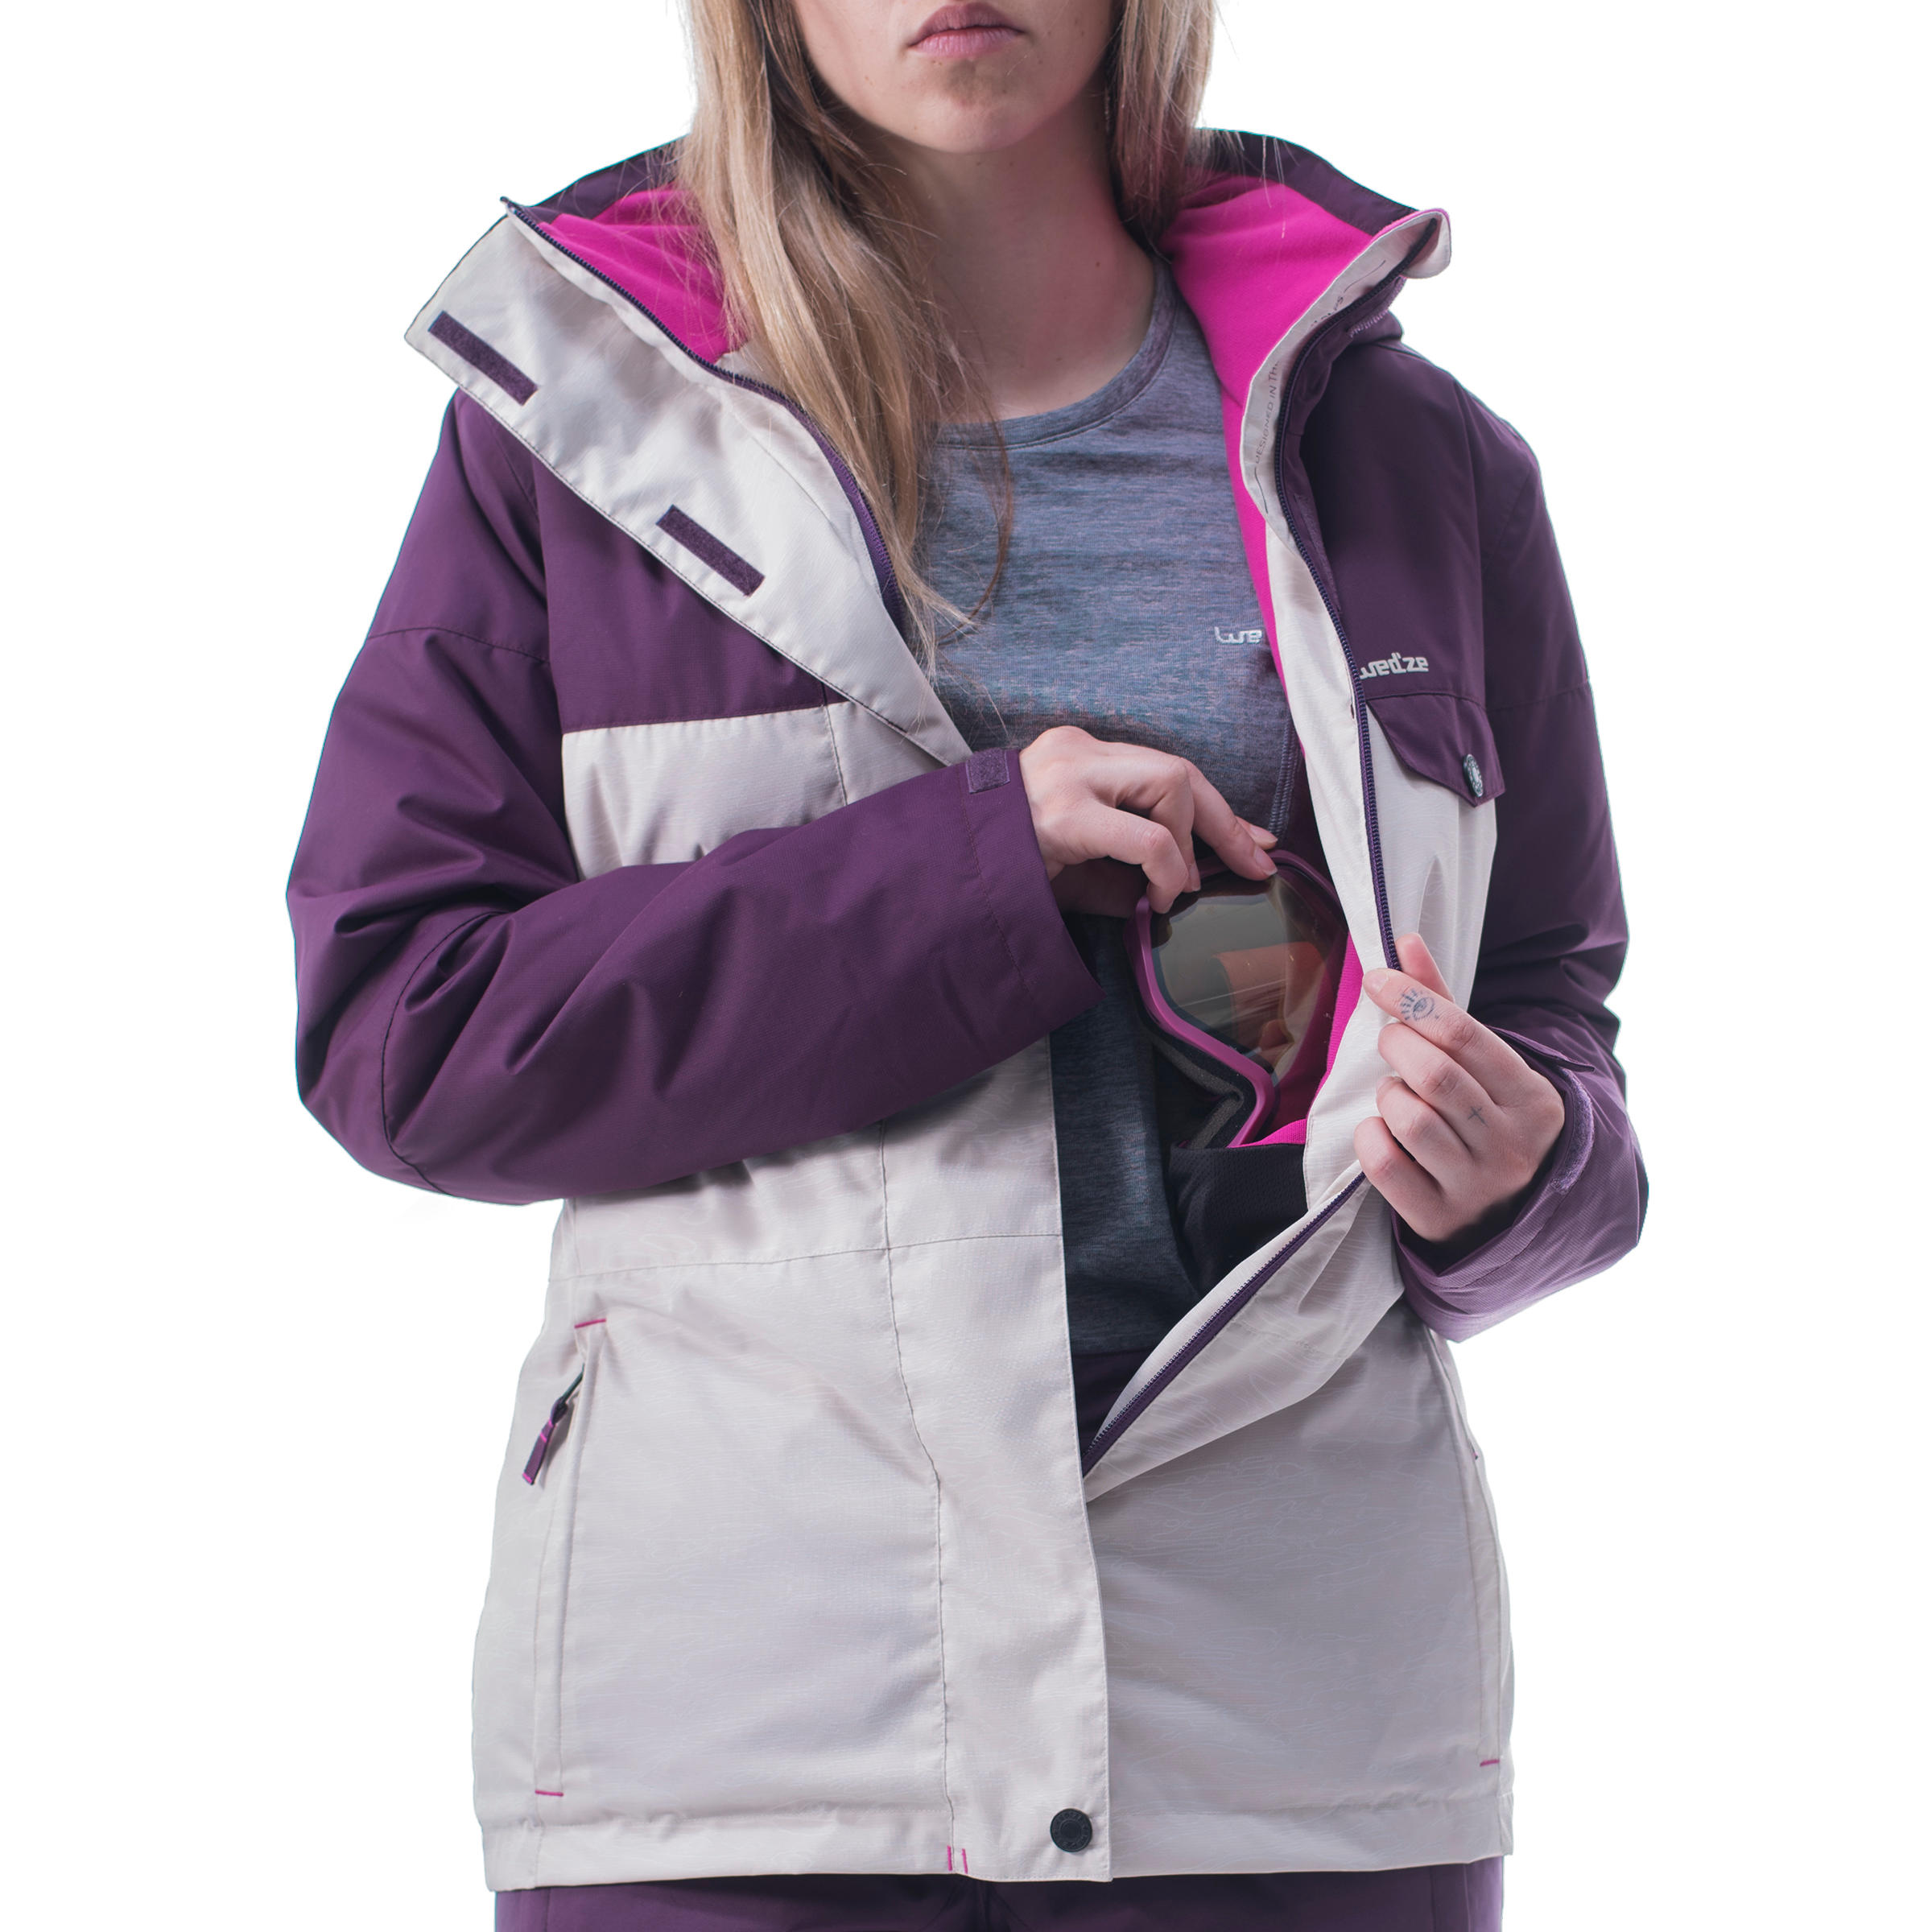 645e11574bfe manteau-de-planche-a-neige-et-de-ski-femme-snb-jkt-100-beige-et-prune.jpg